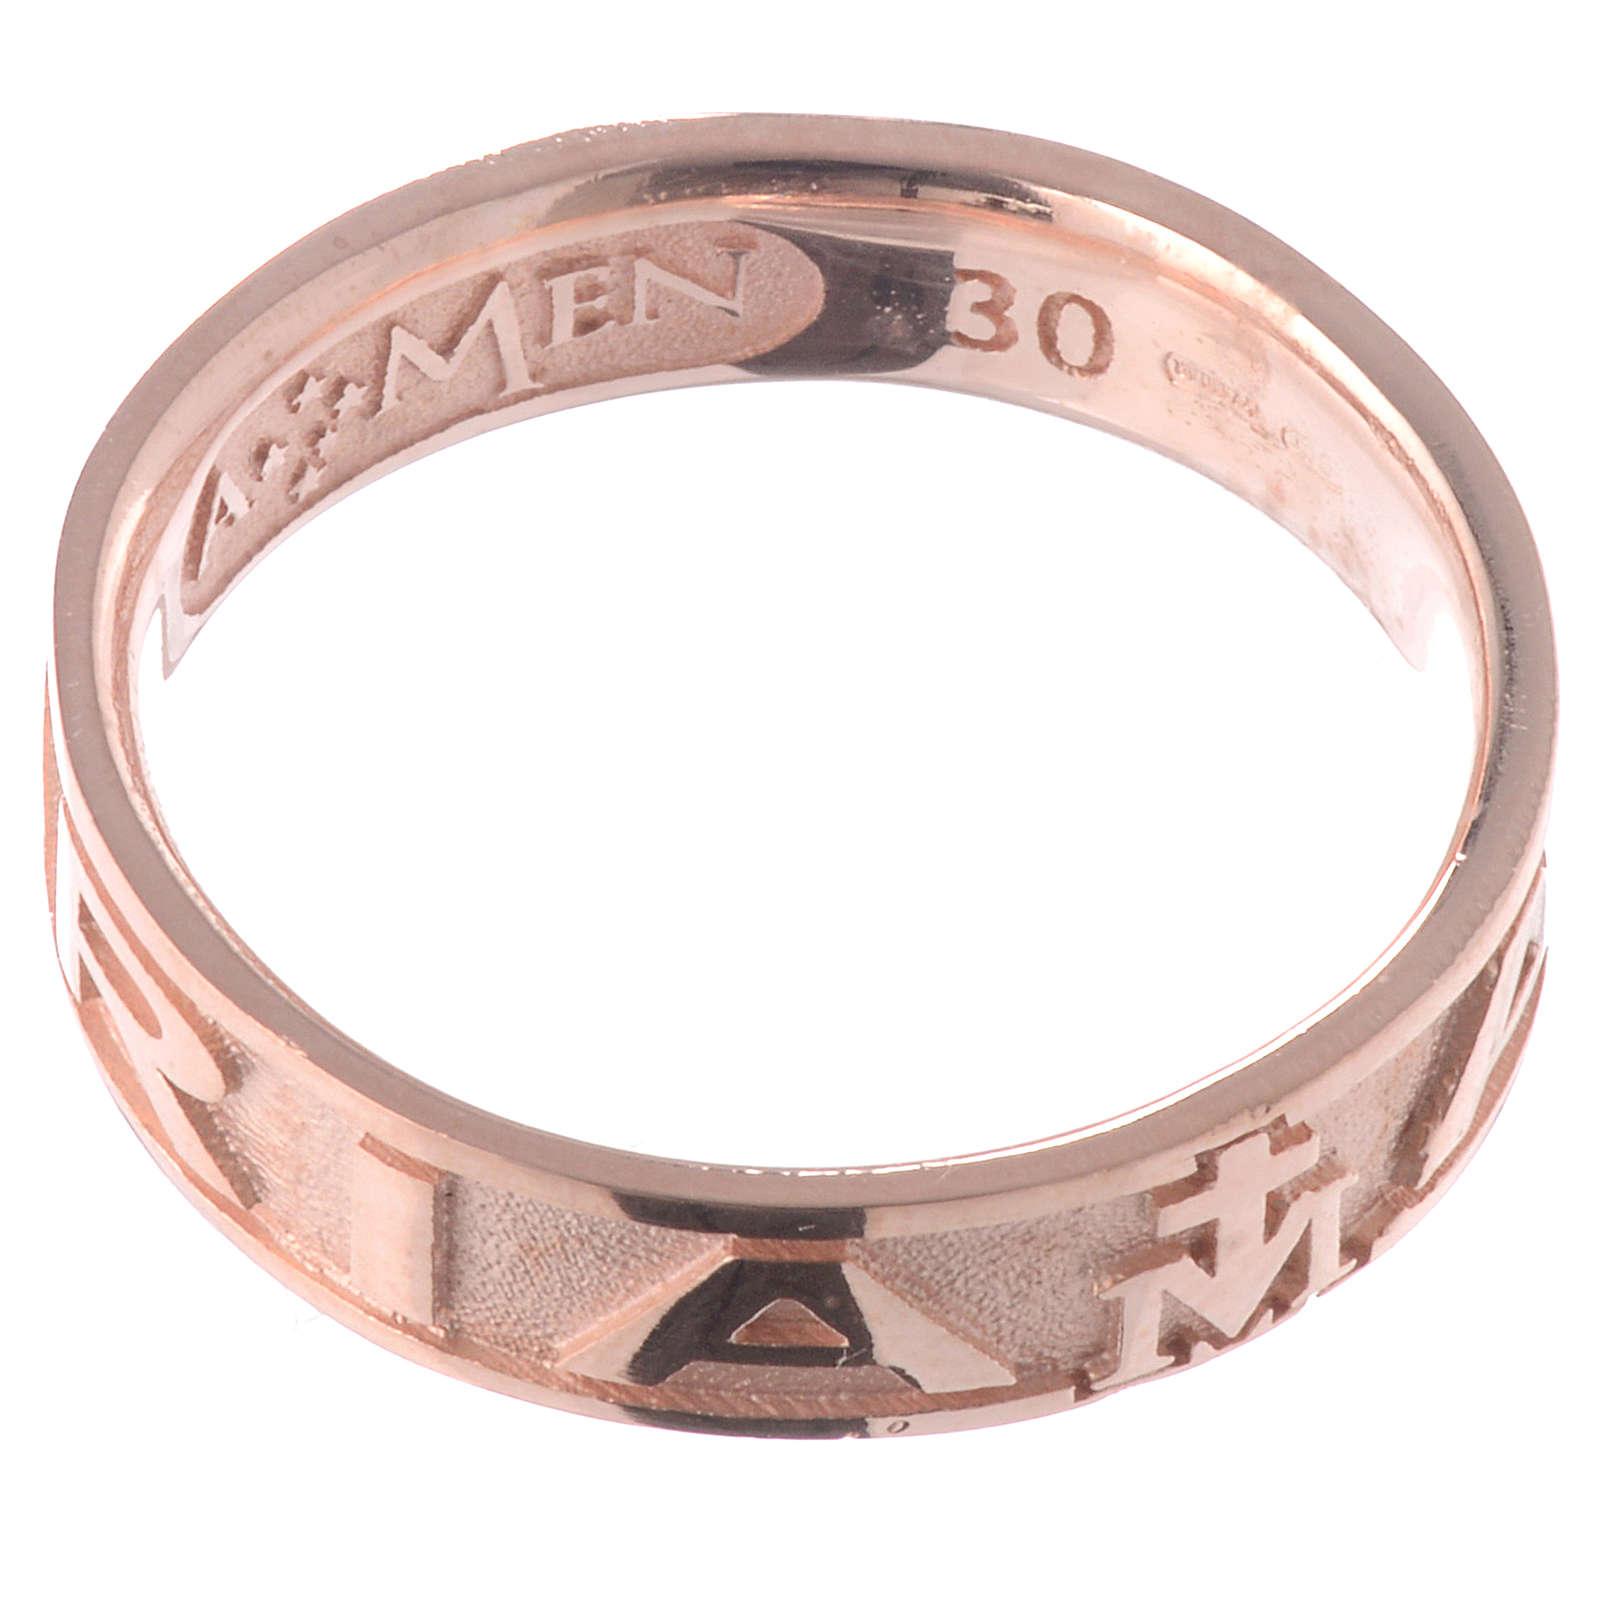 Anillo AMEN Ave Maria plata 925 acabado rosado 3